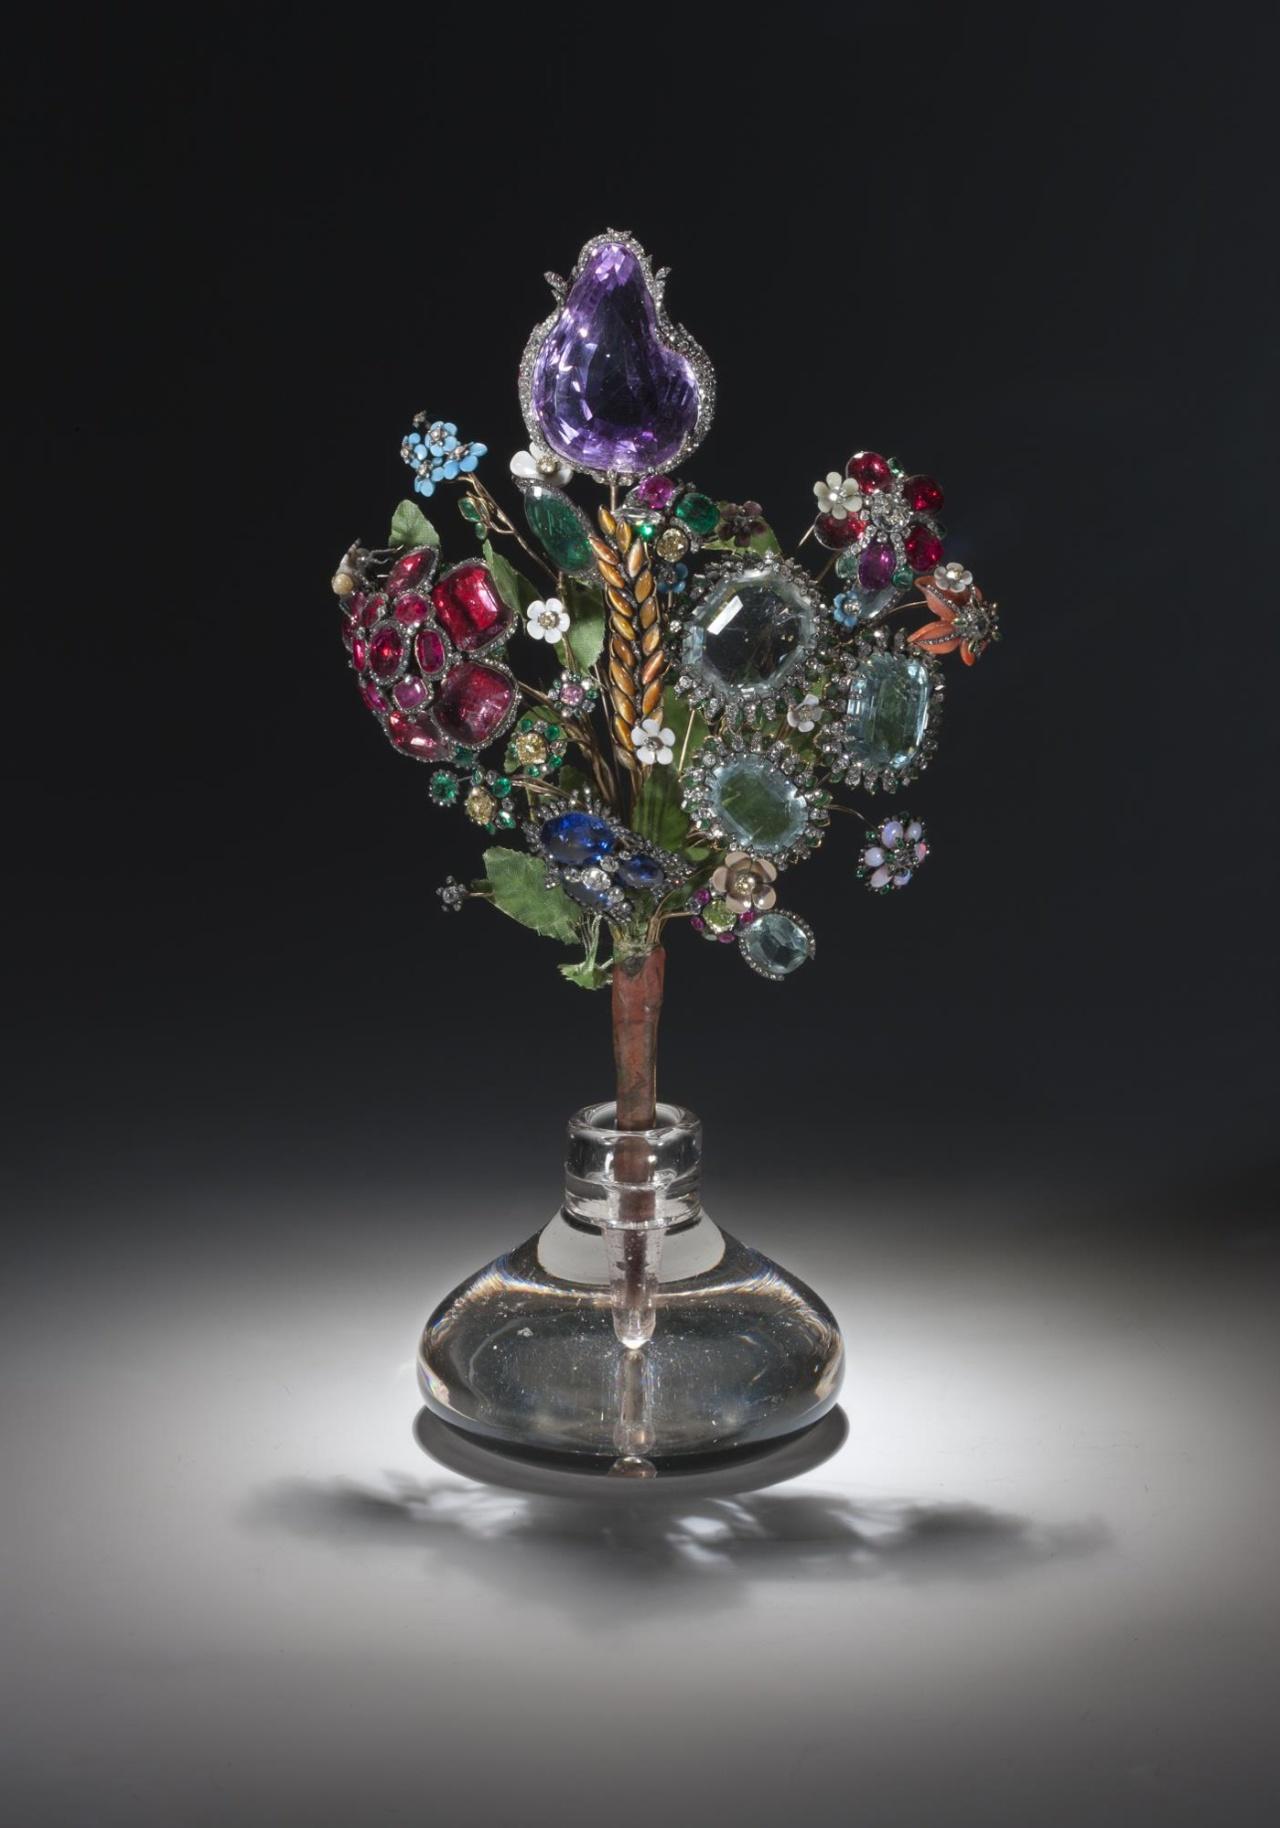 Букет цветов работы Йереми Позье, 1740 гг.